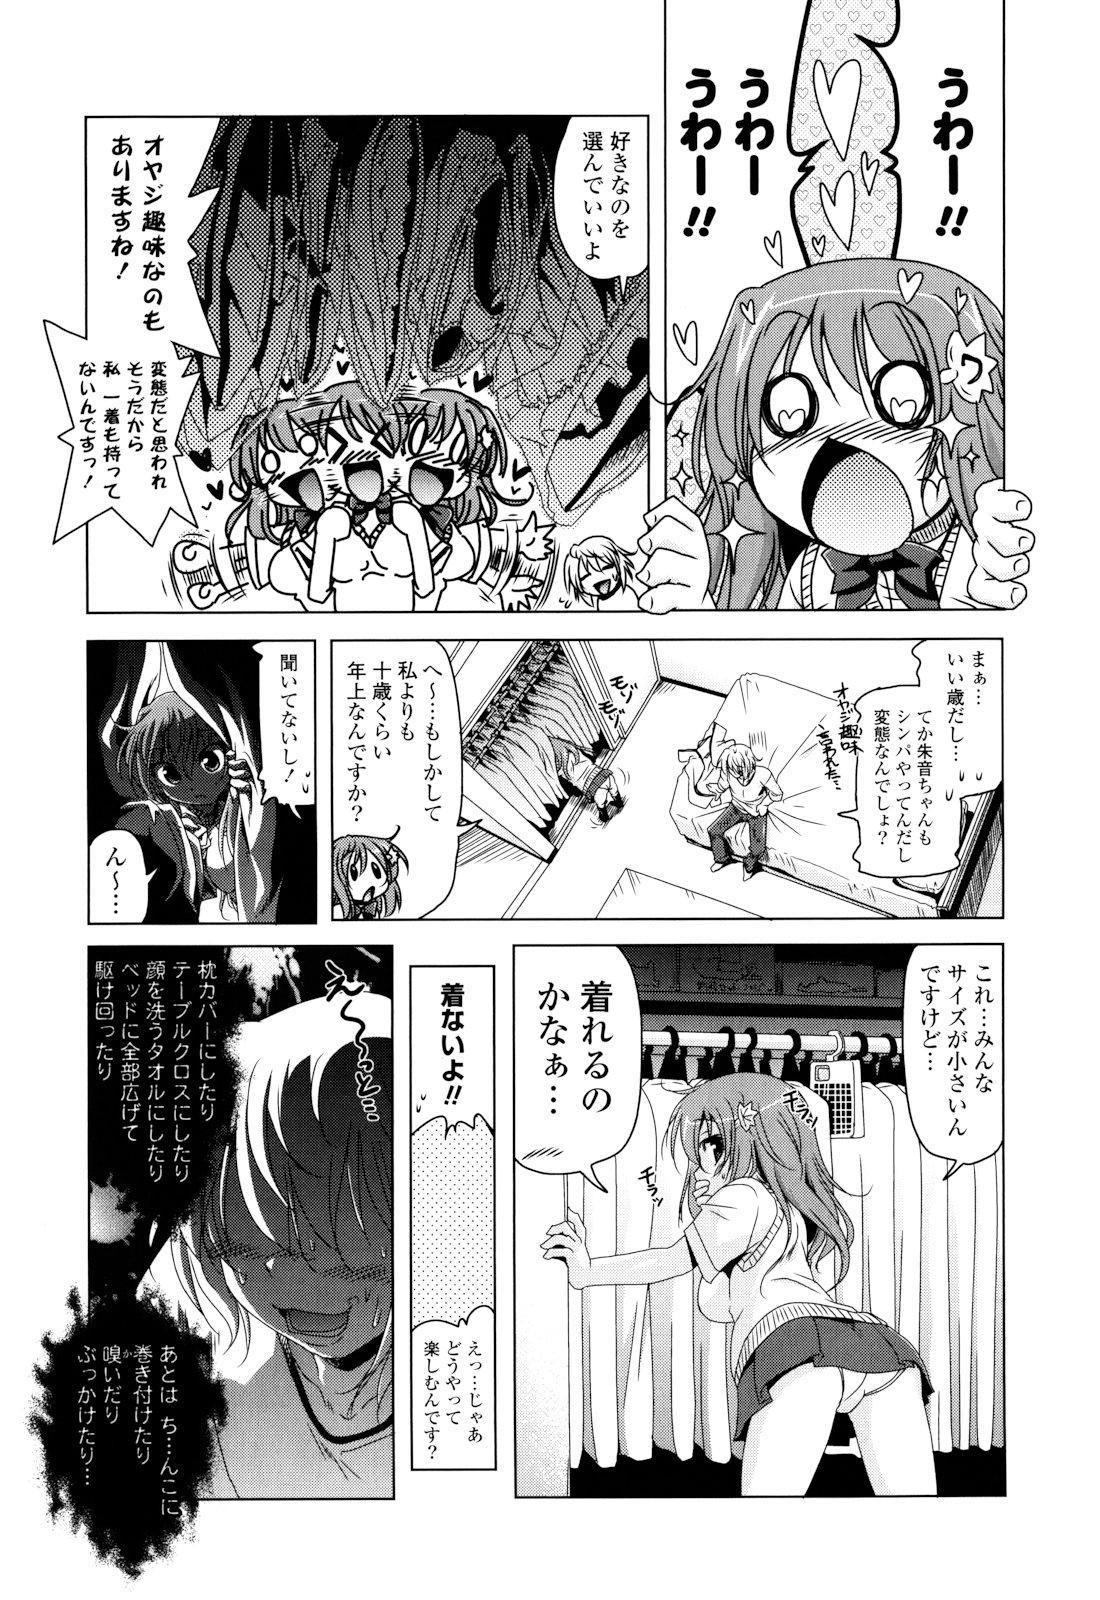 生膣ひゃくぱぁせんと!- Vol.01 Chapter 1 14